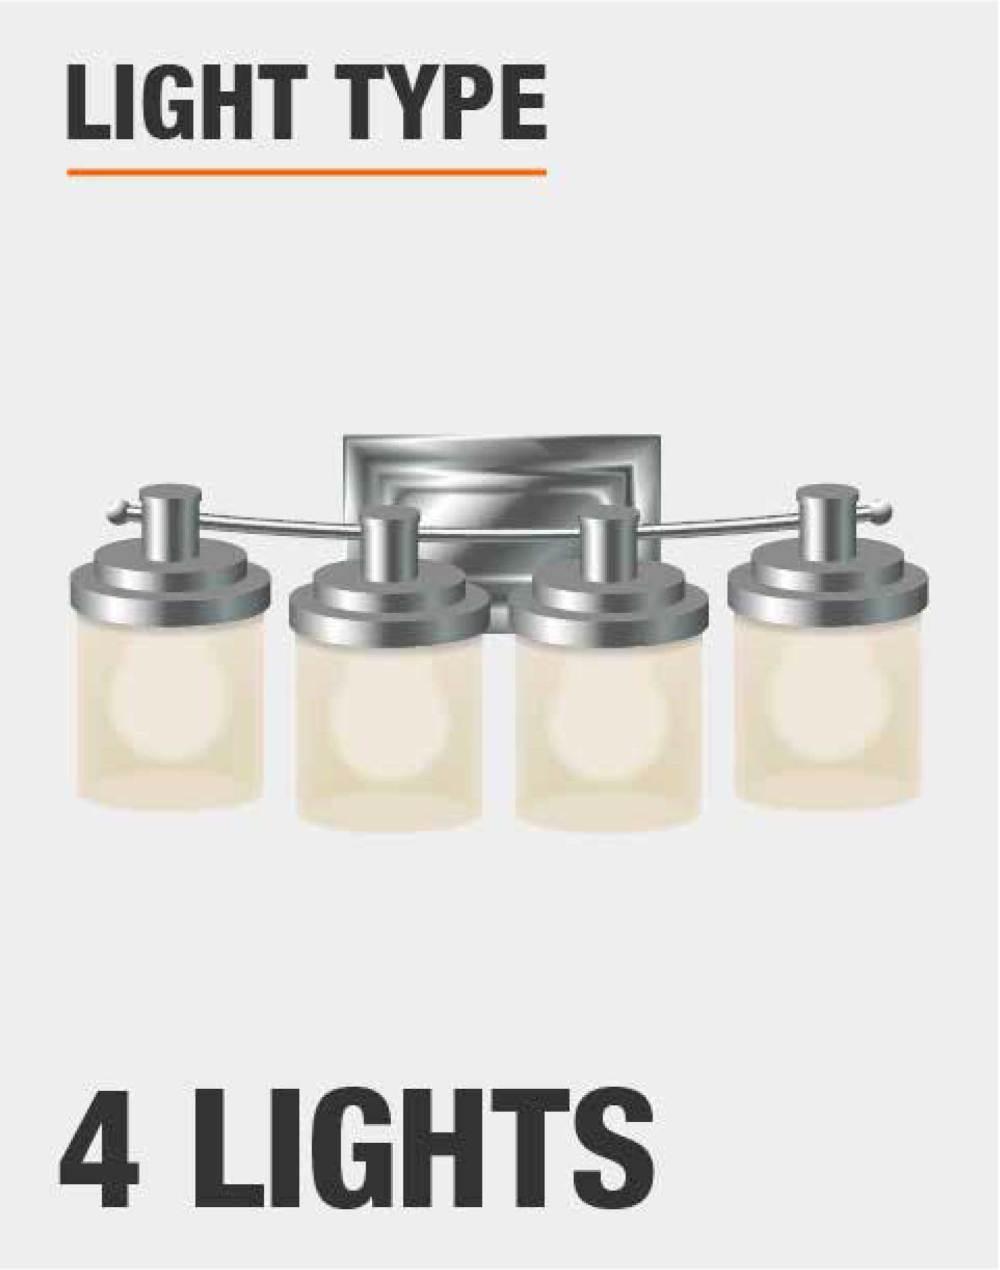 medium resolution of uses 4 100 watt medium base bulbs not included